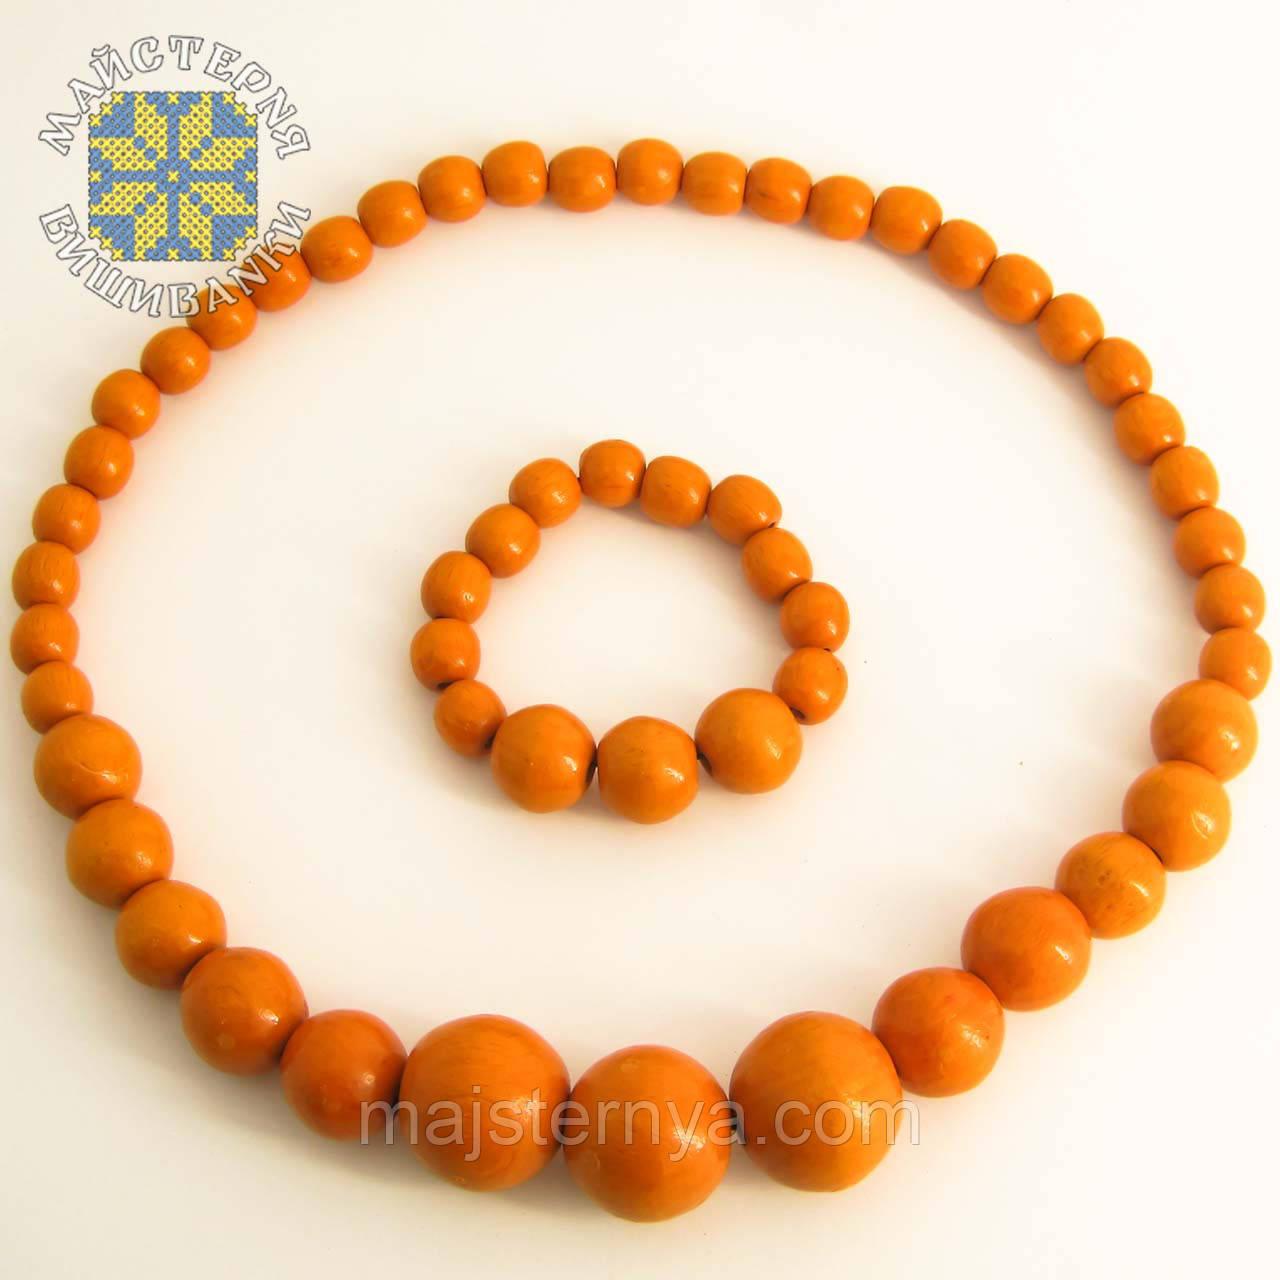 Дерев'яна яні бусі з браслетом із намистин розміром від 11мм до 26 мм помаранчевий